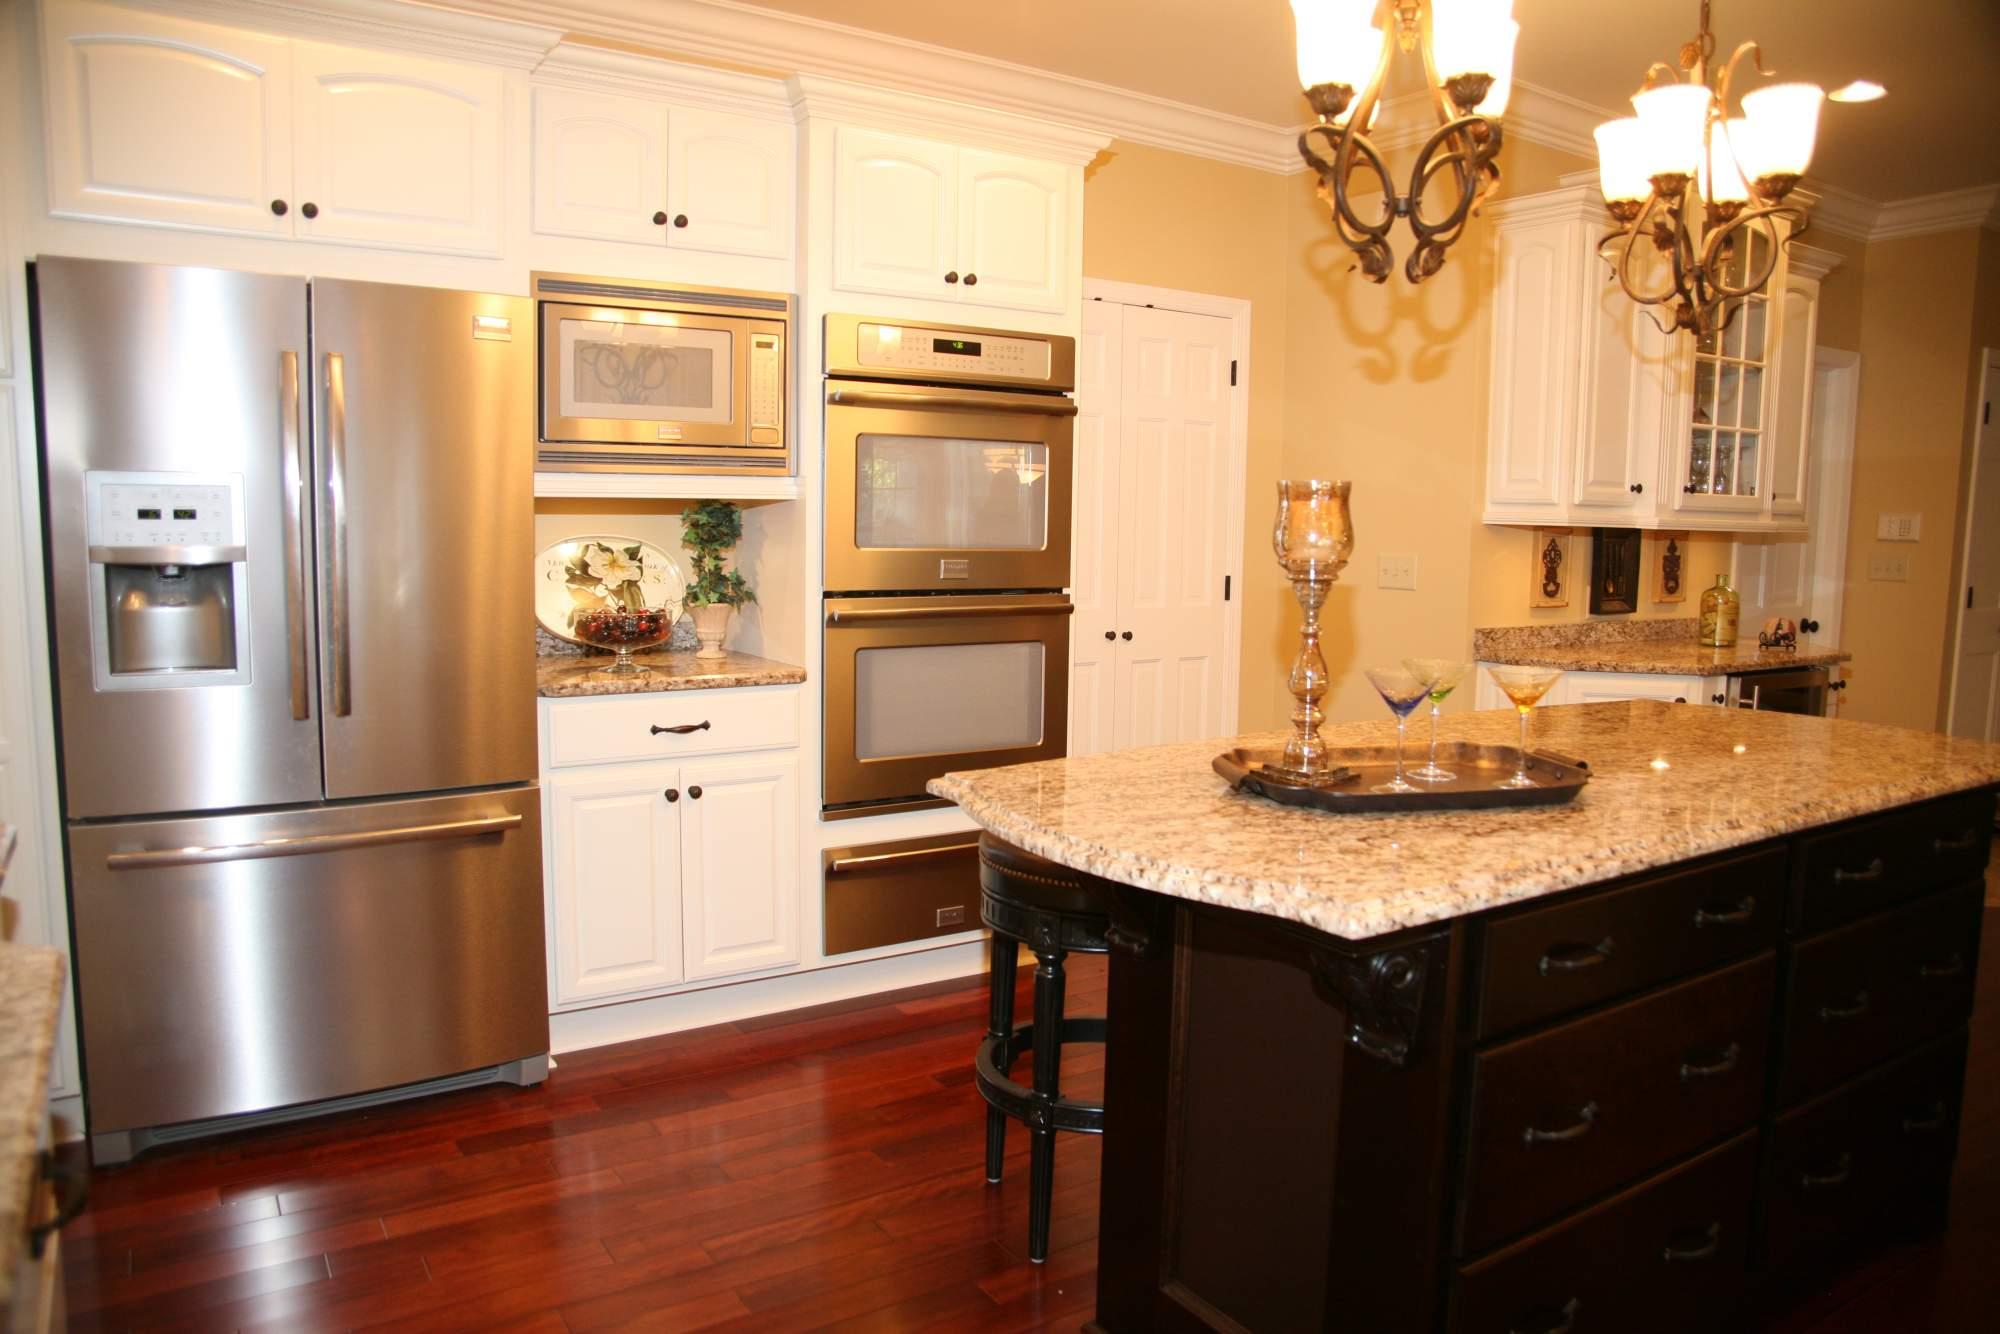 kitchen cabinets buffalo ny barn sink traditional cream & mahogany > kitchens projects ...